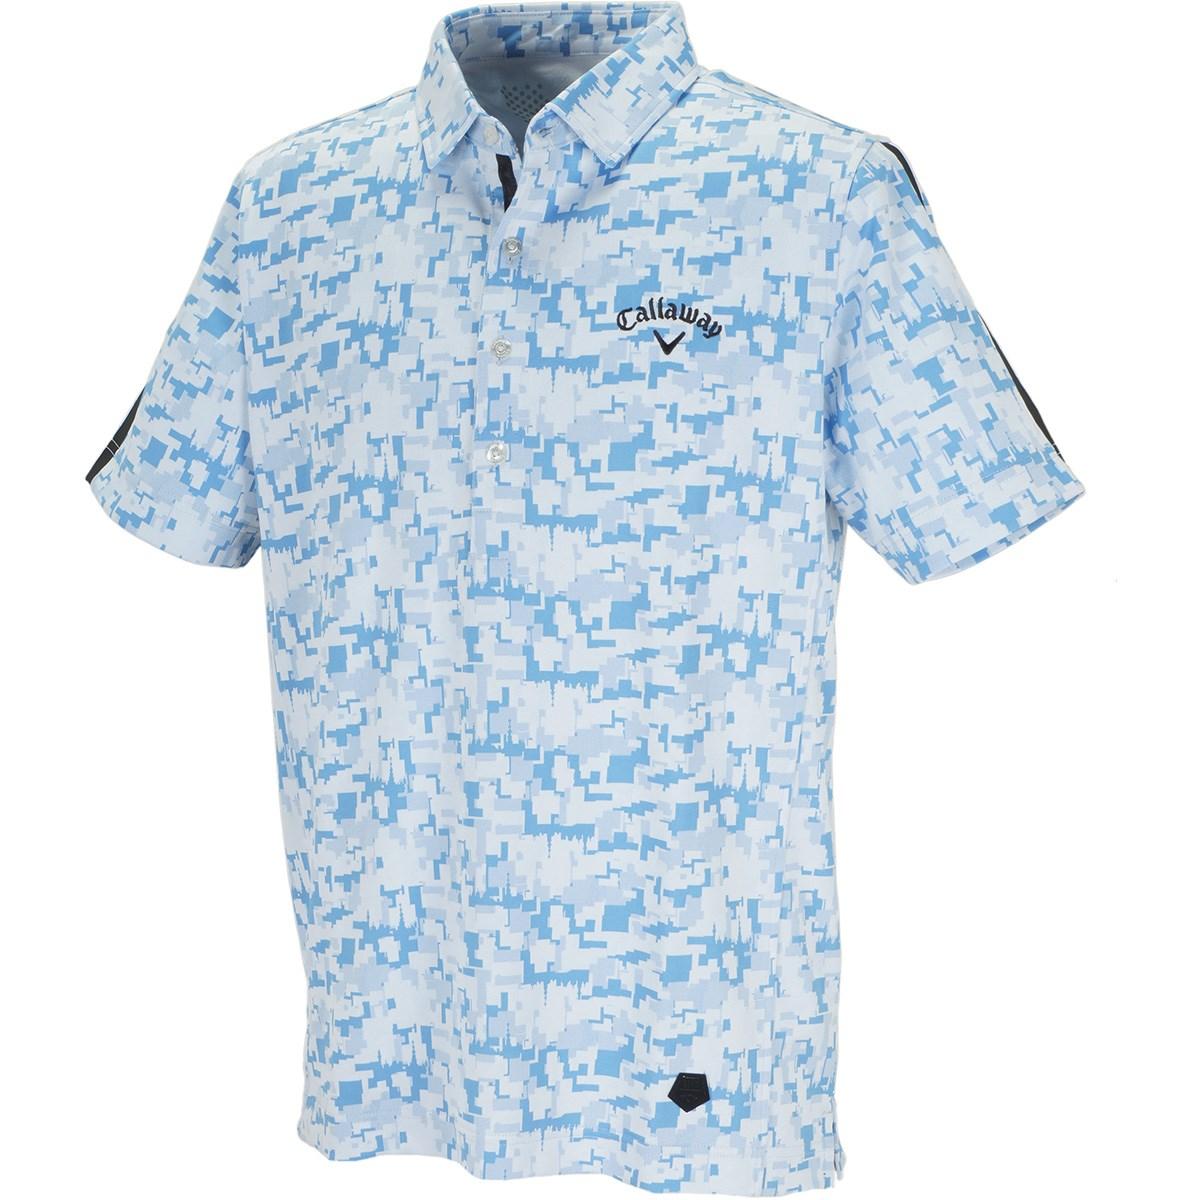 キャロウェイゴルフ(Callaway Golf) TOKYOデジカモ ジャカード 半袖ポロシャツ